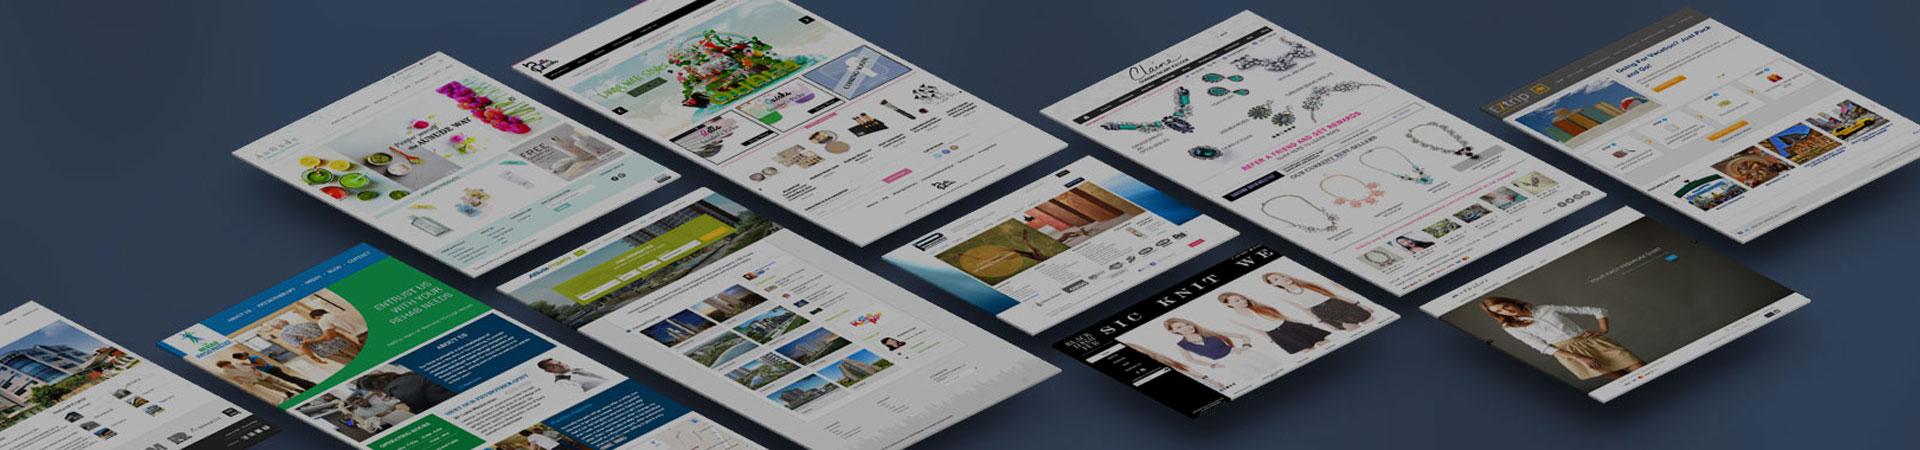 Website Design Singapore - Shop Sassy Dream